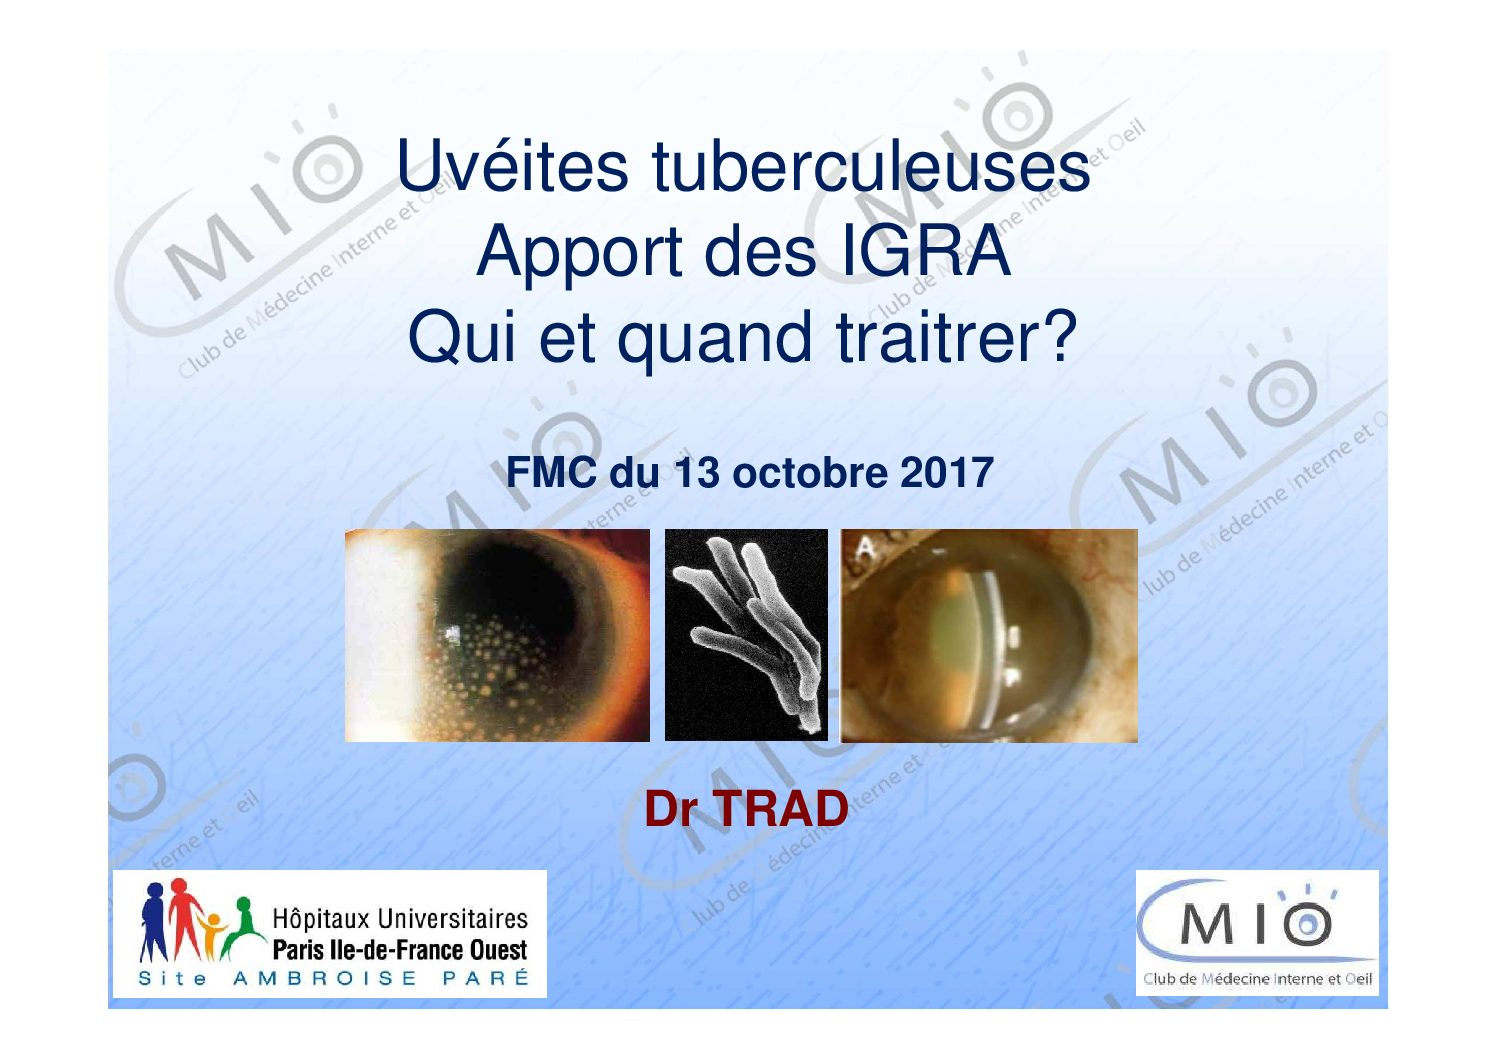 Uvéites tuberculeuses apport des IGRA : qui et quand traiter ?